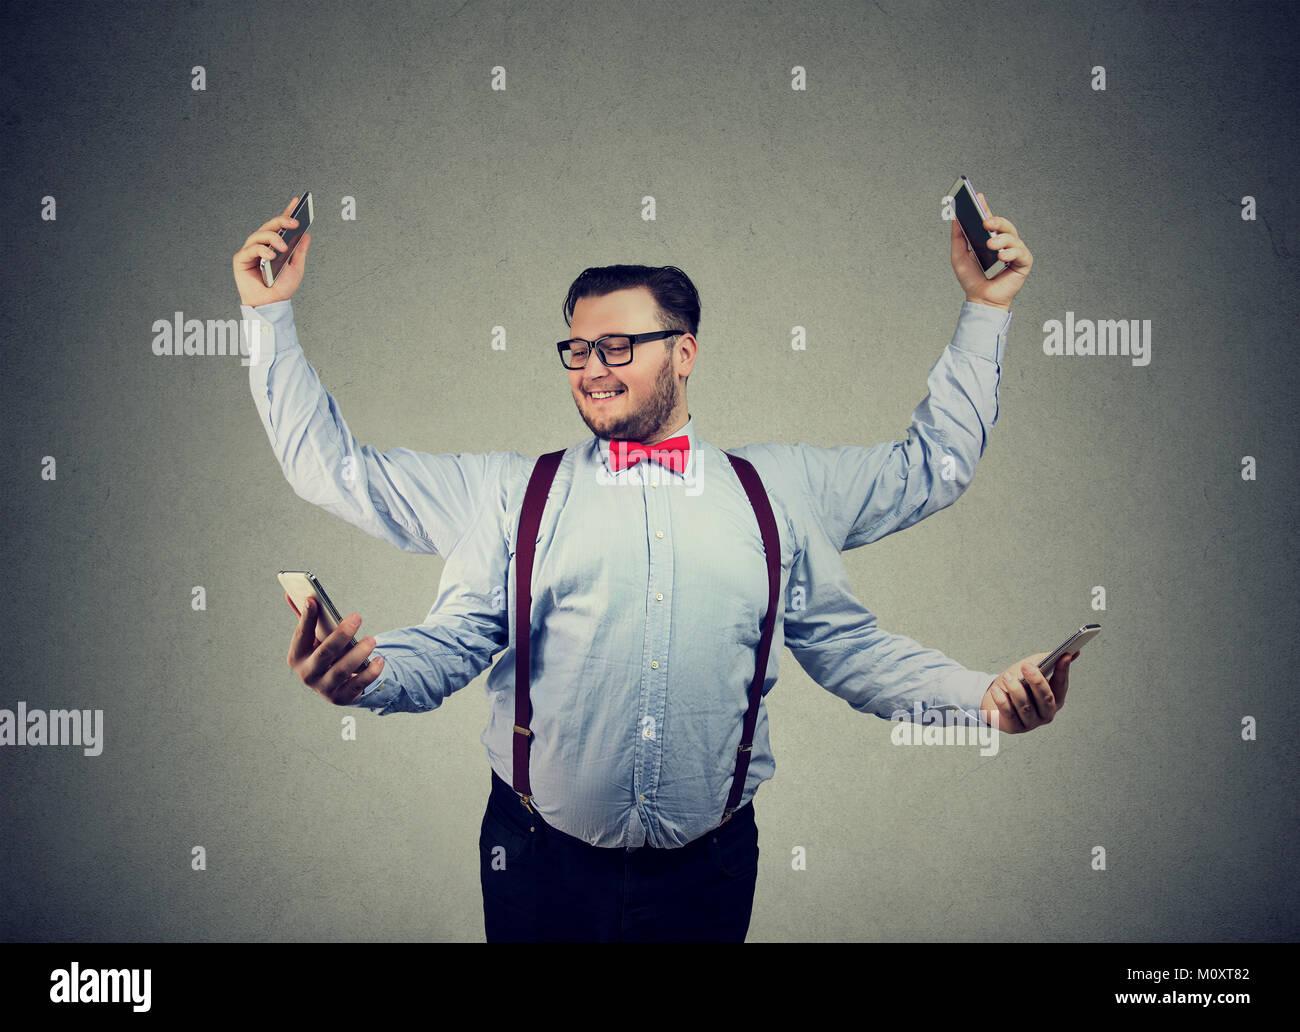 Chunky giovane uomo in abbigliamento formale avente quattro bracci e tramite smartphone multitasking. Immagini Stock